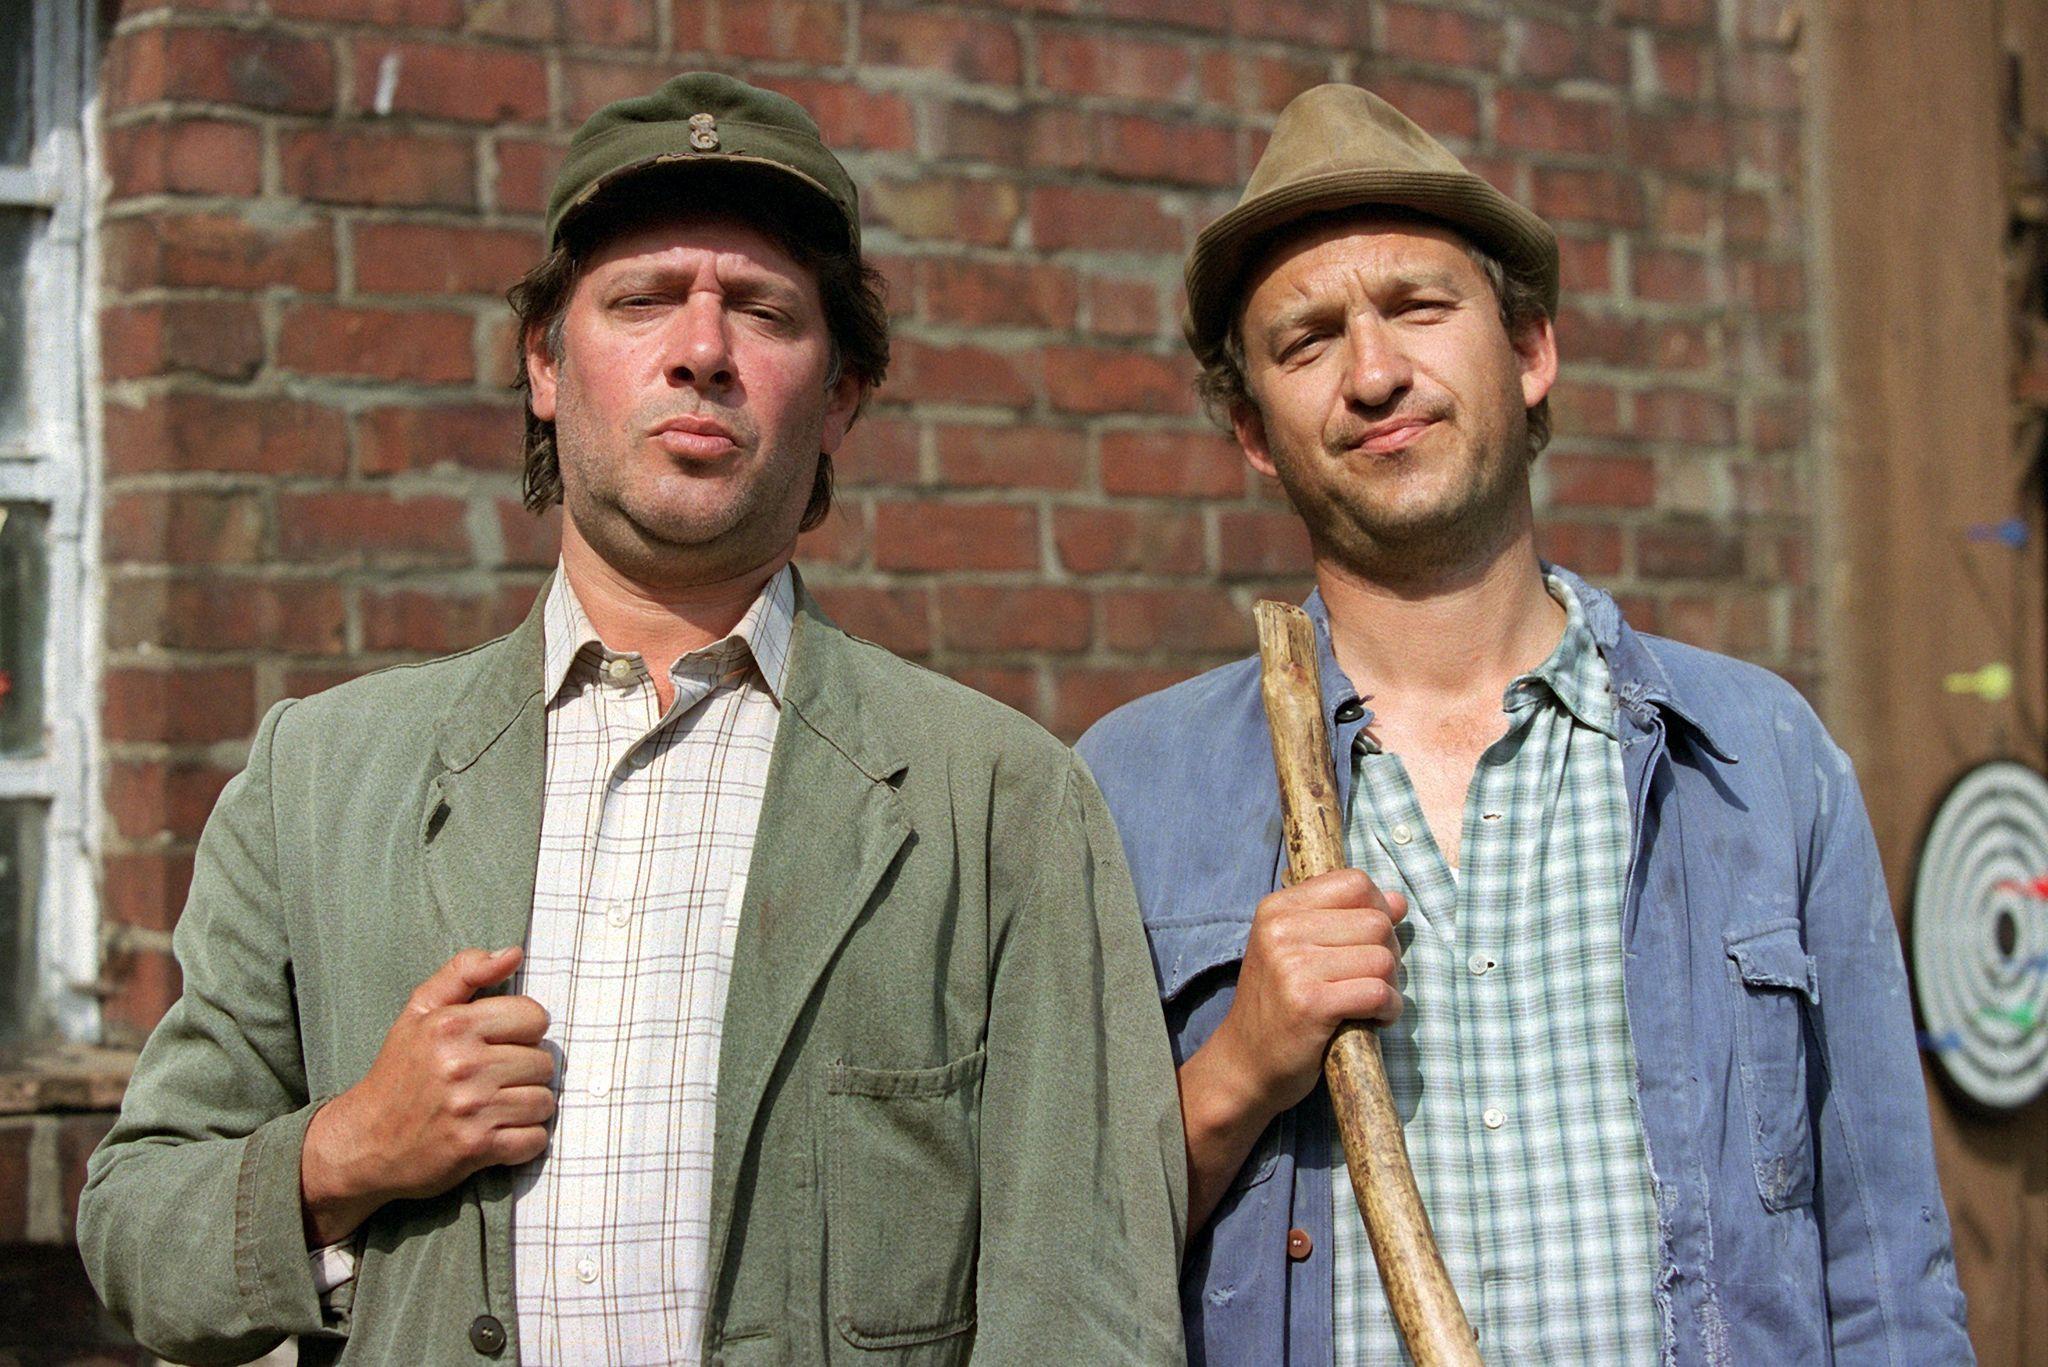 Die Kult-Bauern Kurt Brakelmann (Jan Fedder, l) und Adsche Tönnsen (Peter Heinrich Brix) bei Dreharbeiten. Foto: dpa/Wolfgang Langenstrassen